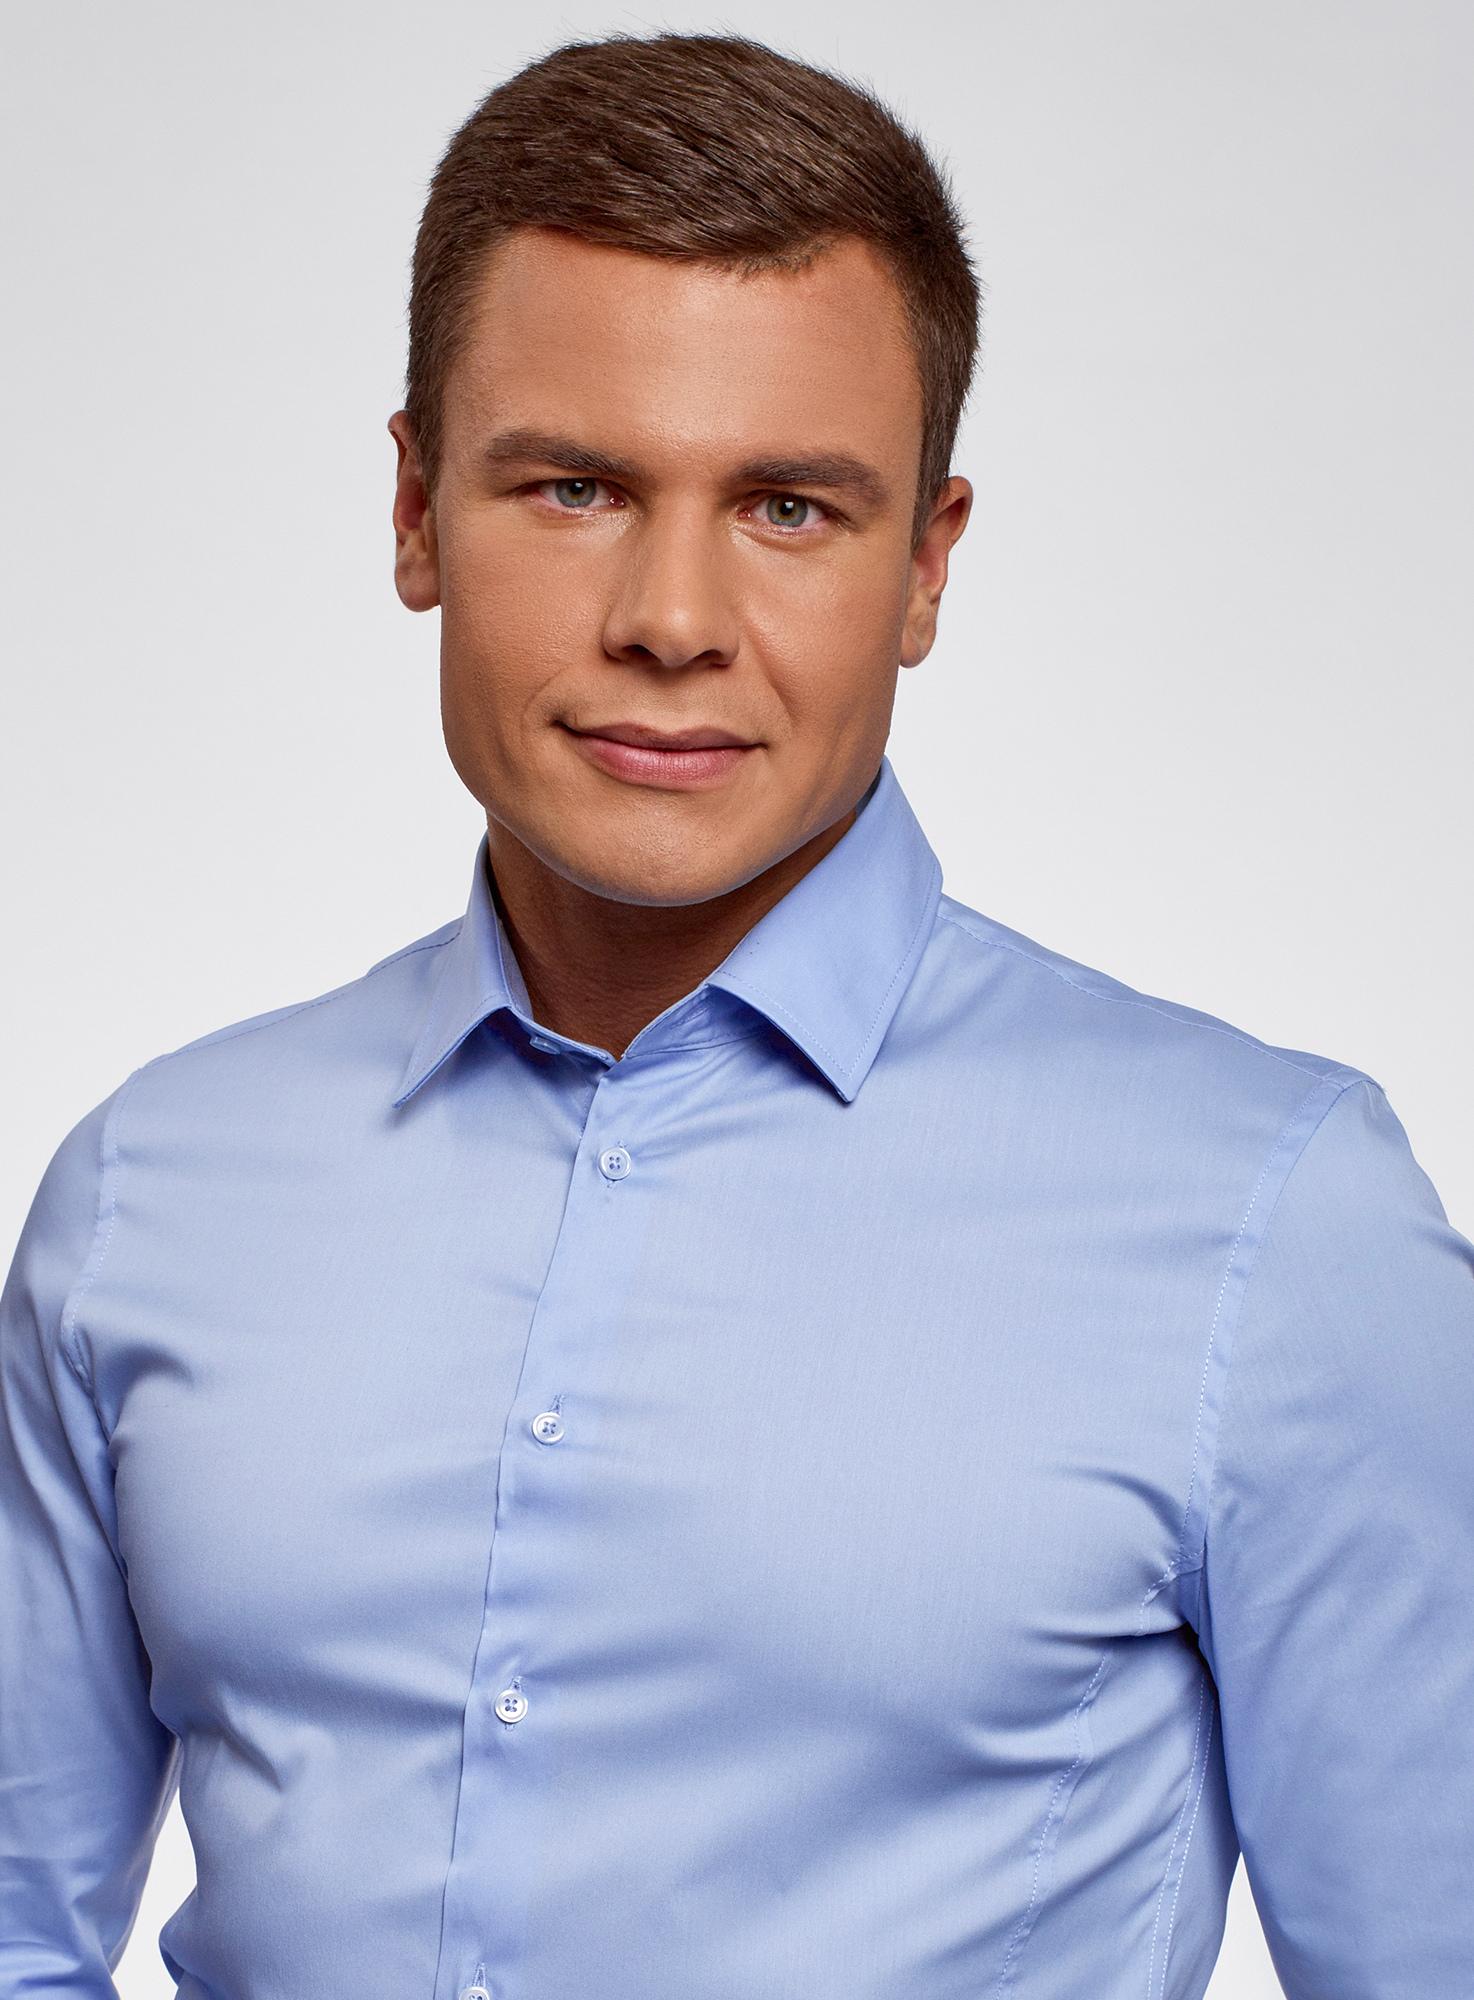 Рубашка базовая приталенная oodji для мужчины (синий), 3B140000M/34146N/7000N